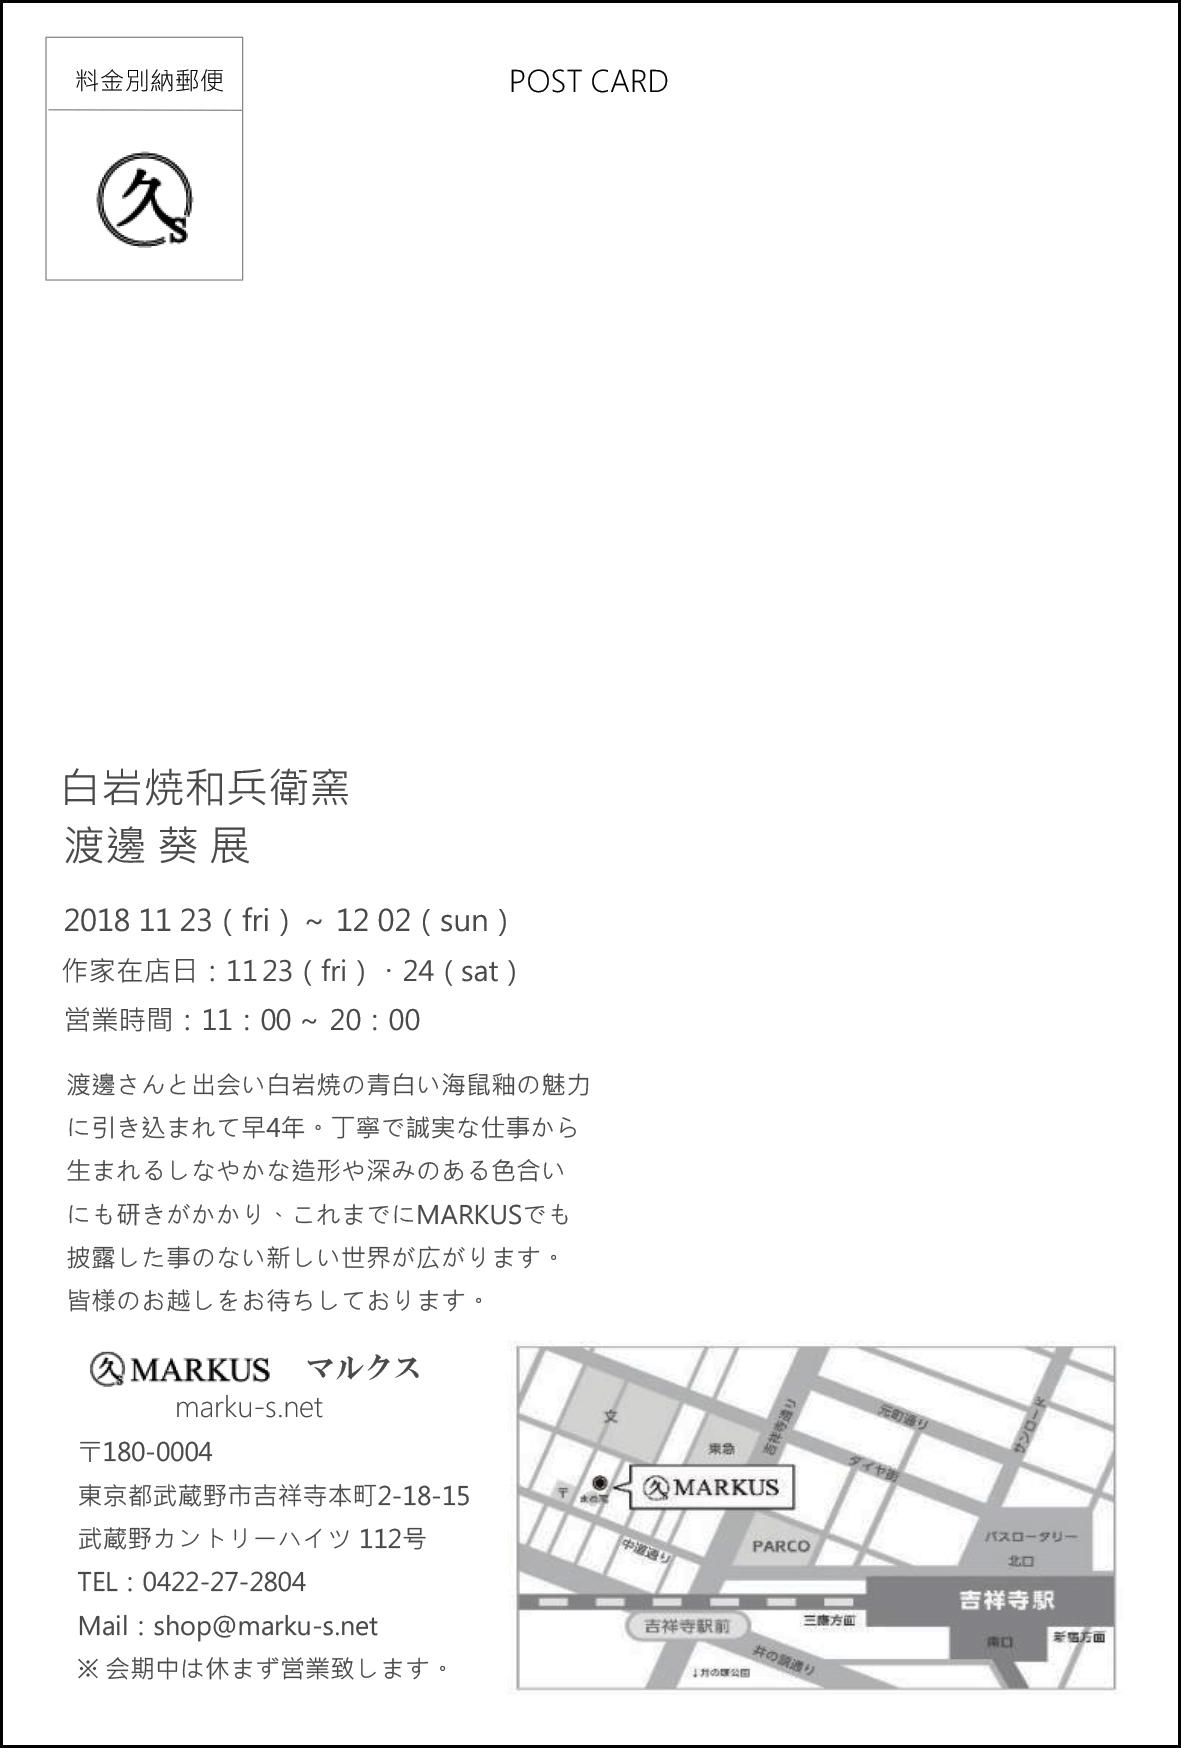 「白岩焼和兵衛窯 渡邊葵展」_a0233551_18521999.jpg